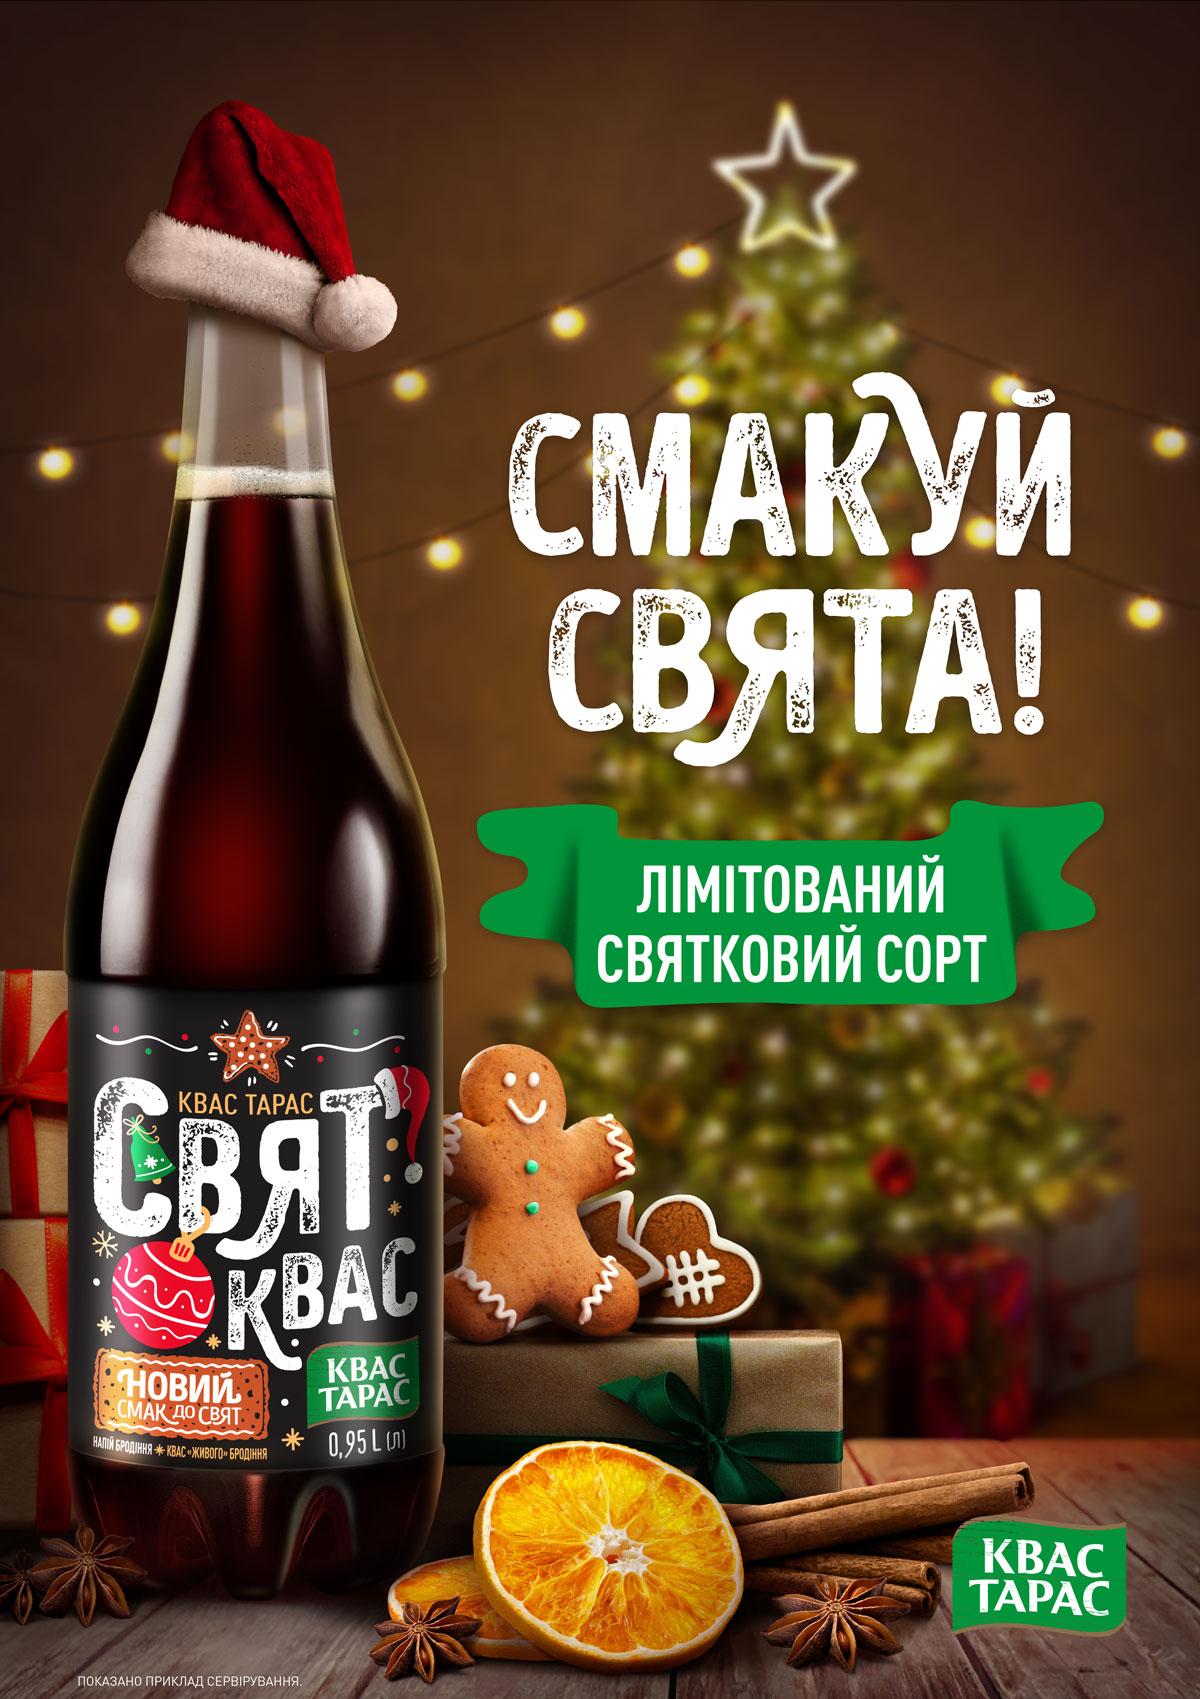 KV_SvyatKvas_dtp